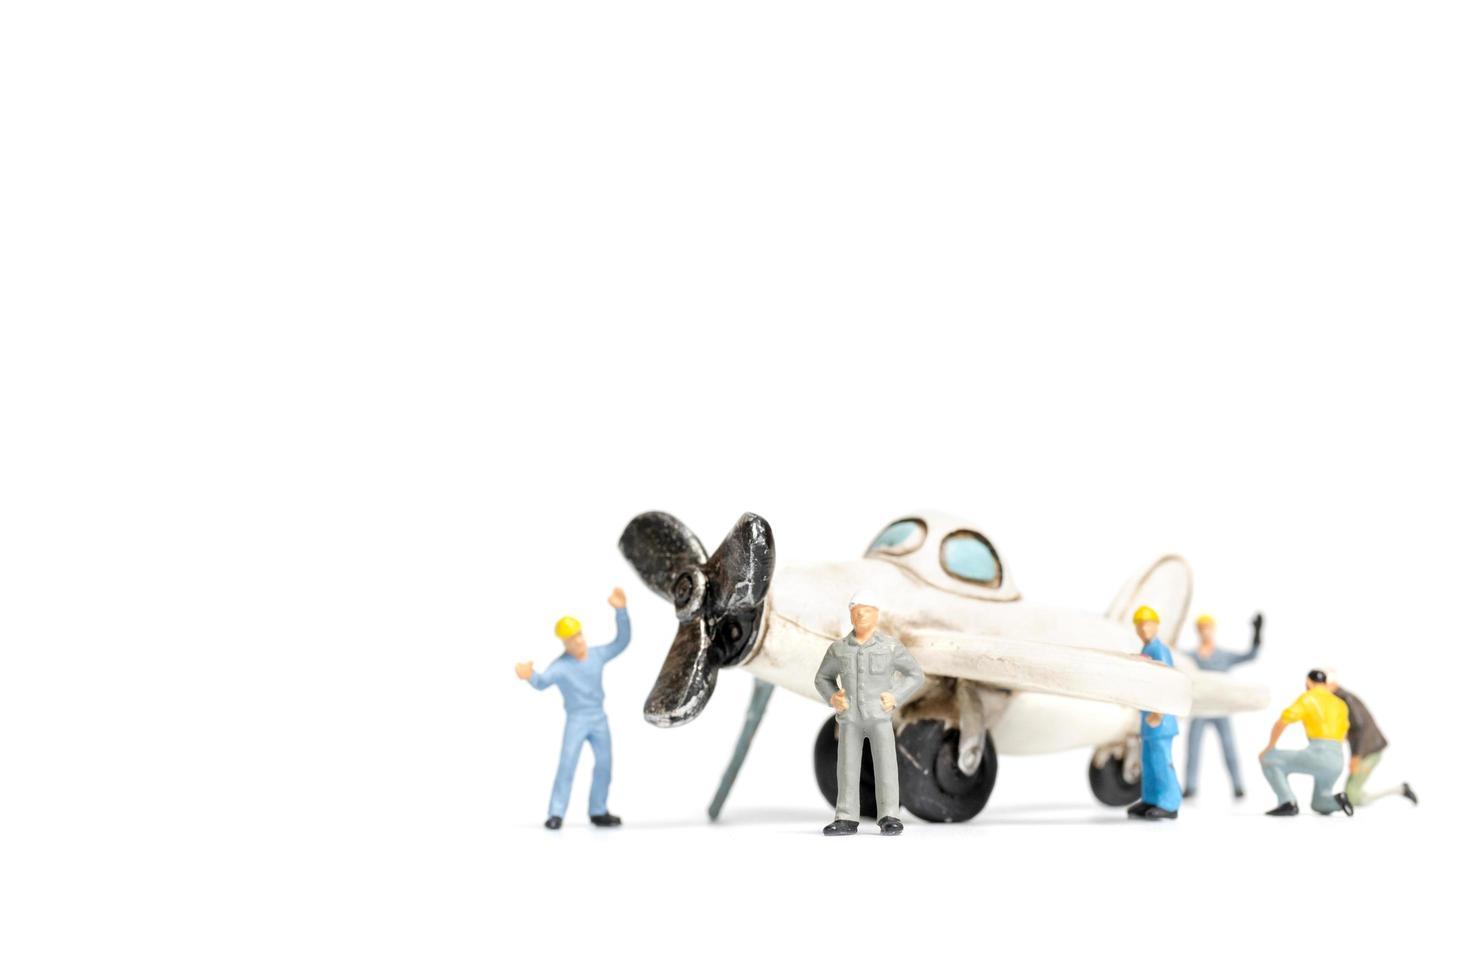 Travailleurs miniatures réparant un avion jouet sur fond blanc photo